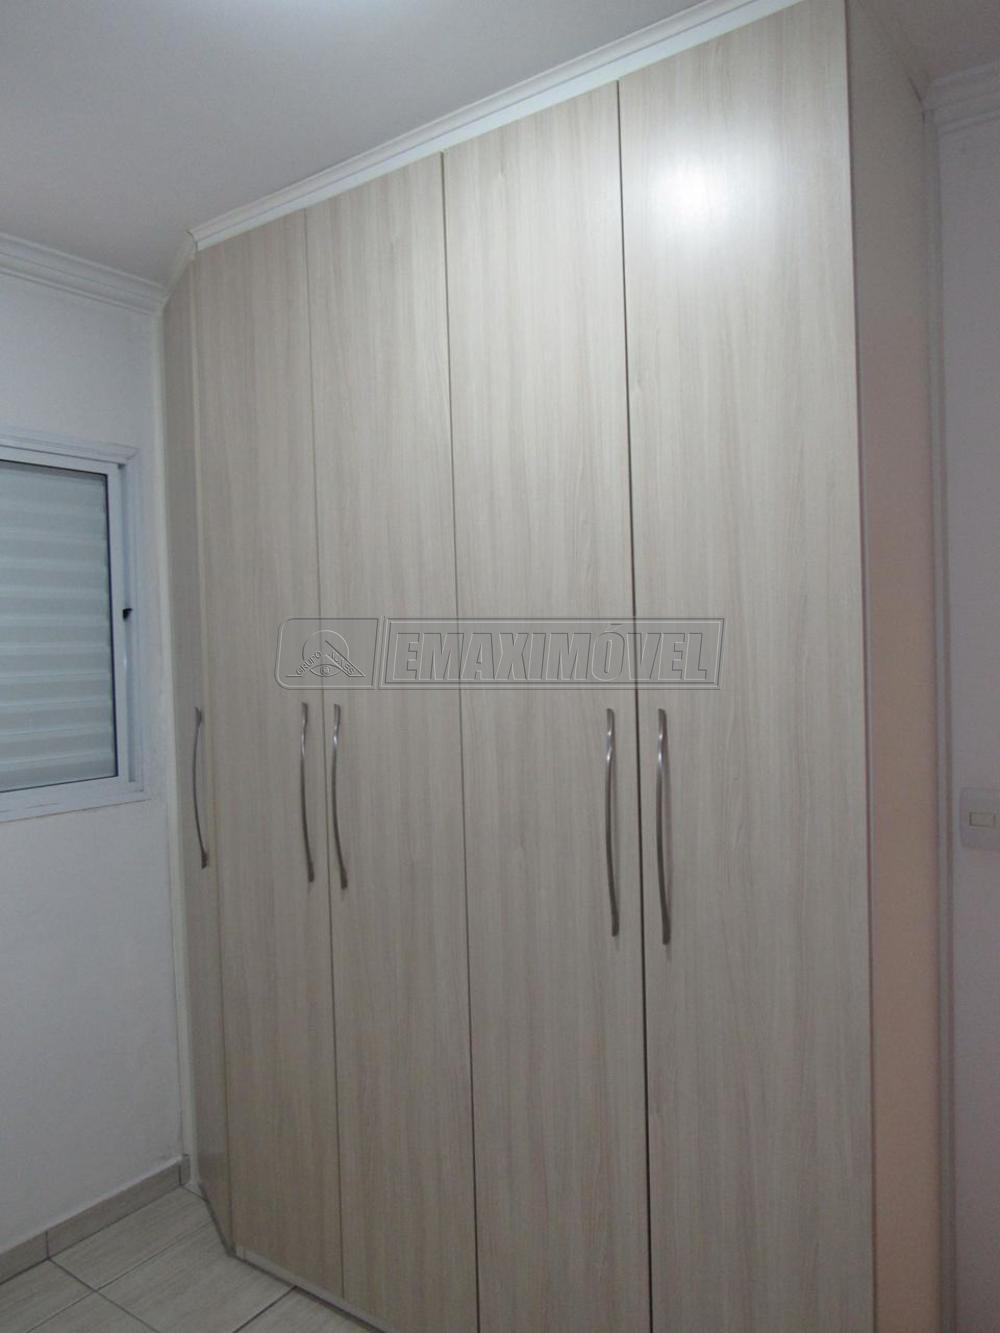 Comprar Apartamento / Padrão em Sorocaba R$ 255.000,00 - Foto 10